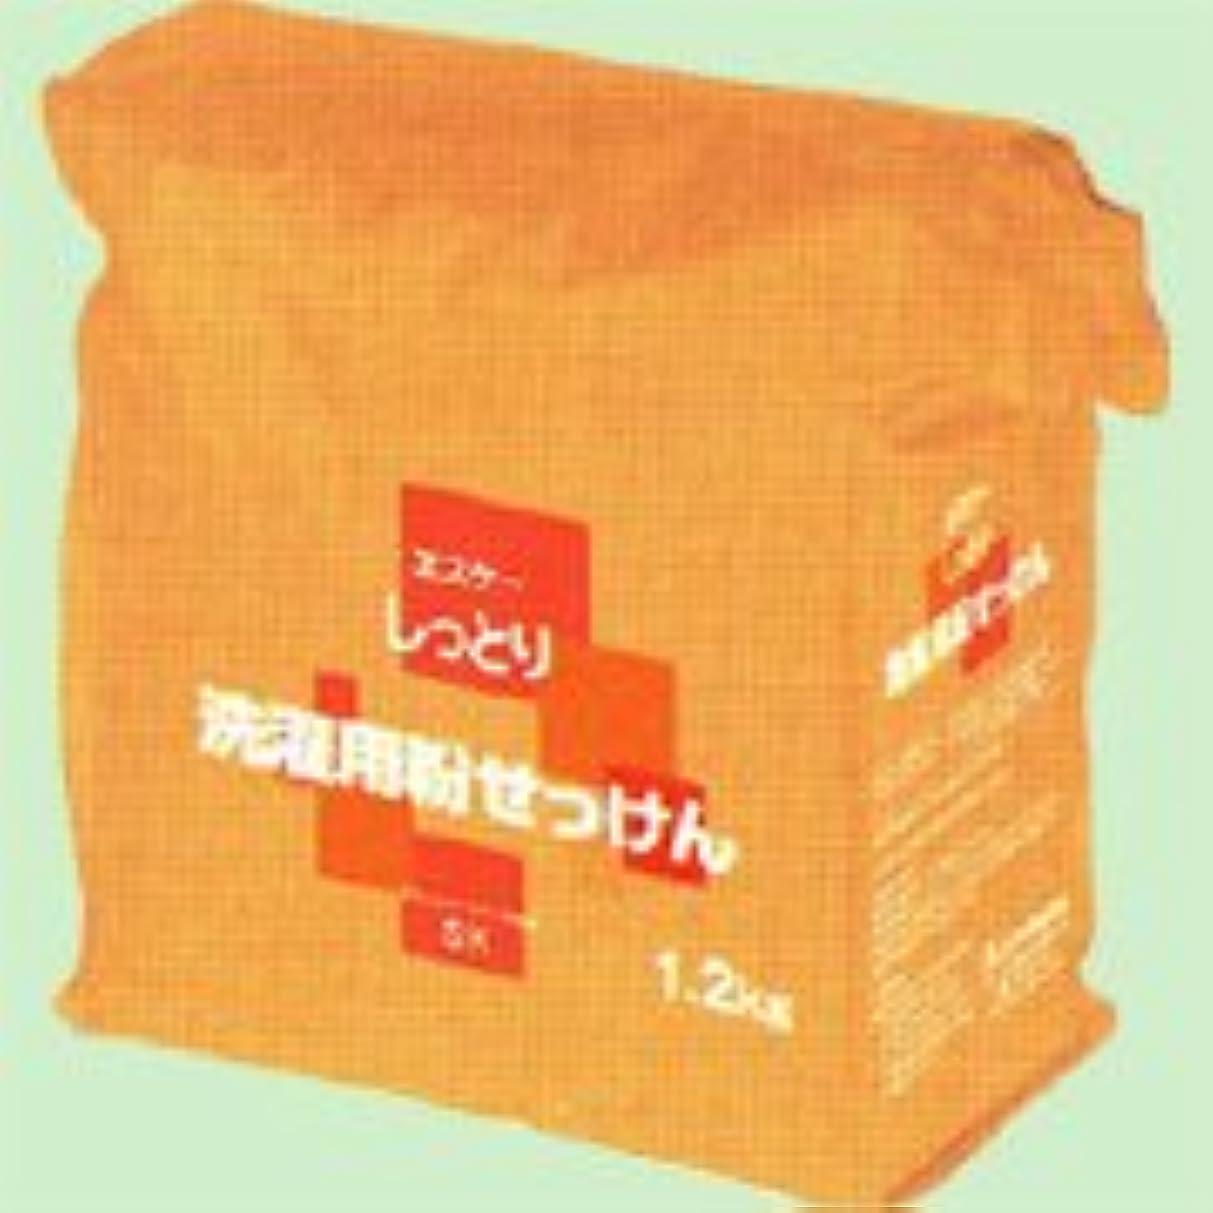 官僚毎週成熟したしっとり洗濯用粉せっけん詰替用 1.2kg   エスケー石鹸